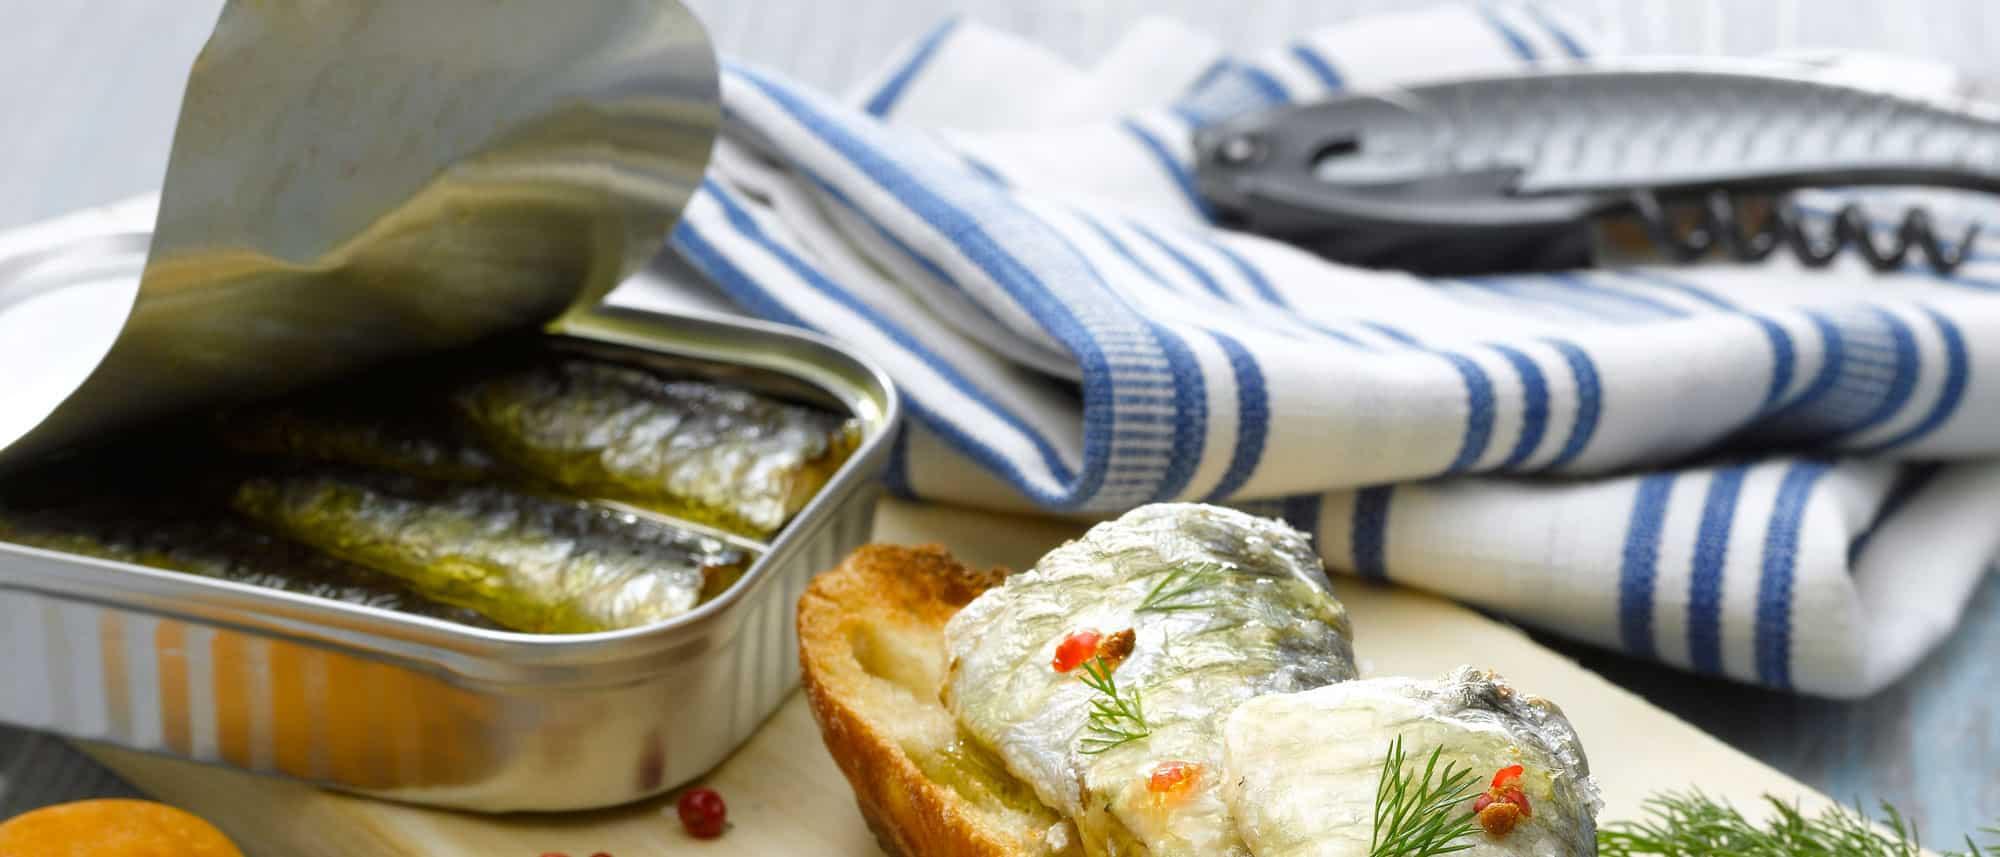 La sardine conserves de poissons - Conserve de sardines maison ...